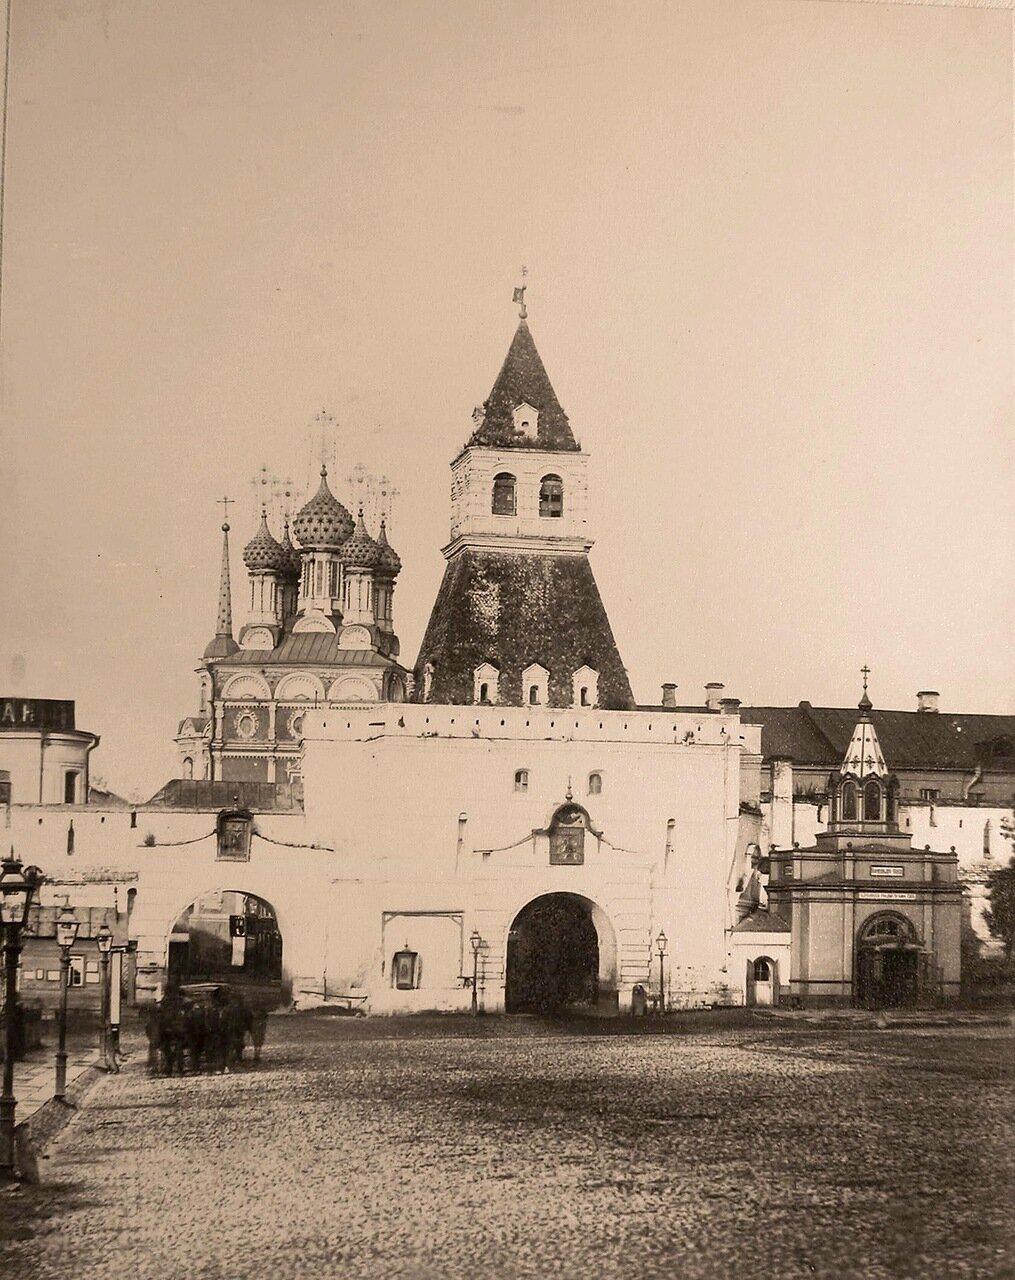 Вид части площади и Ильинских ворот (в центре) в Китай-городе; справа - памятник-часовня гренадерам,павшим под Плевной